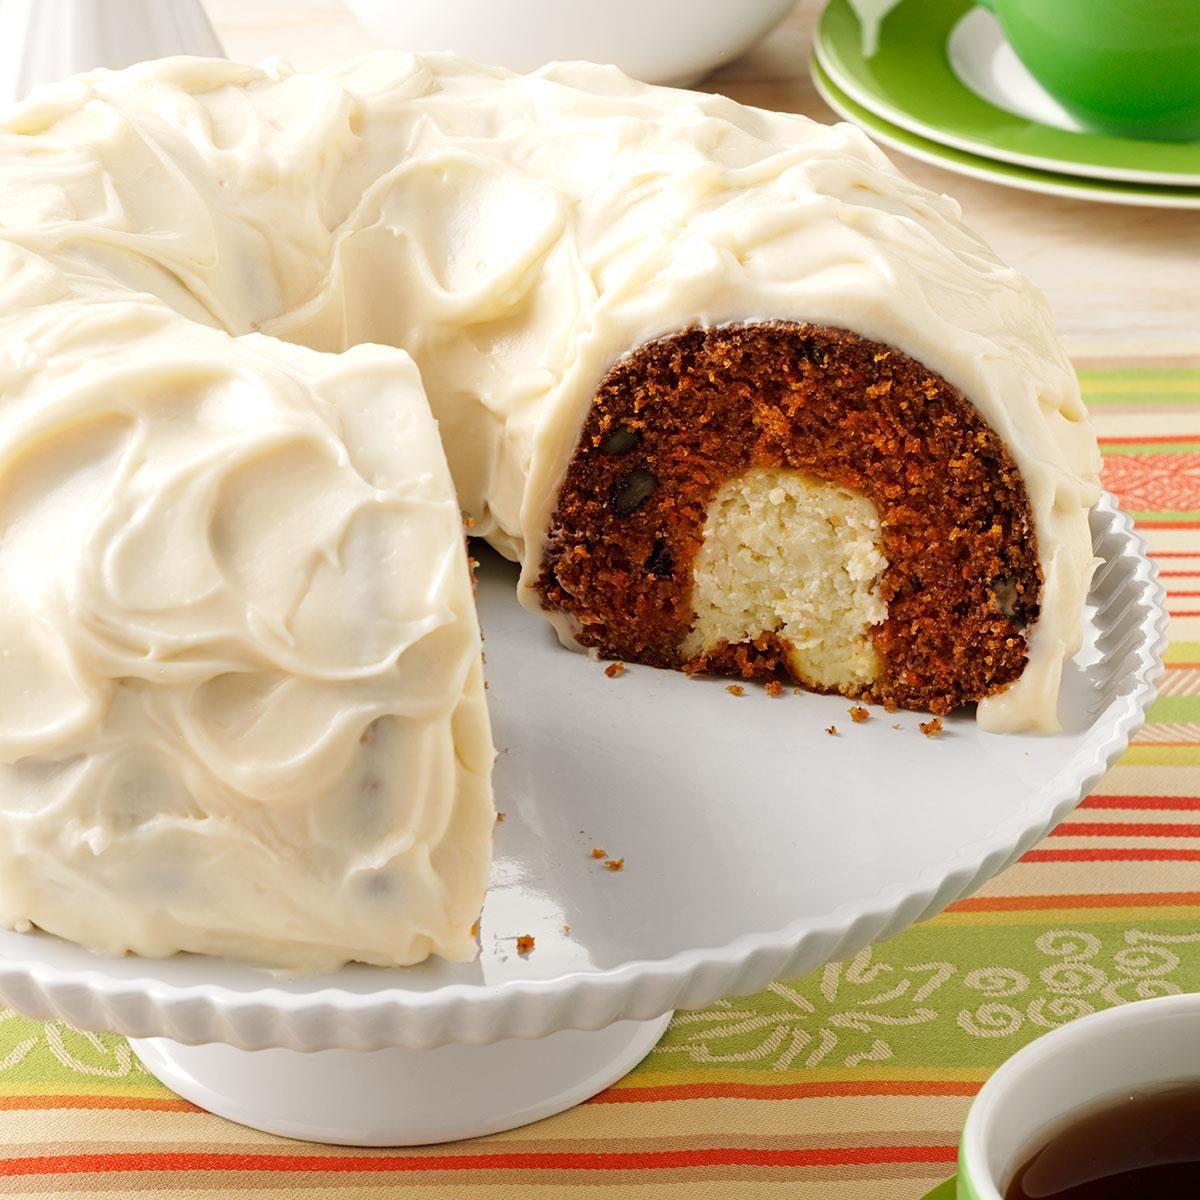 Carrot cake recipes for easter